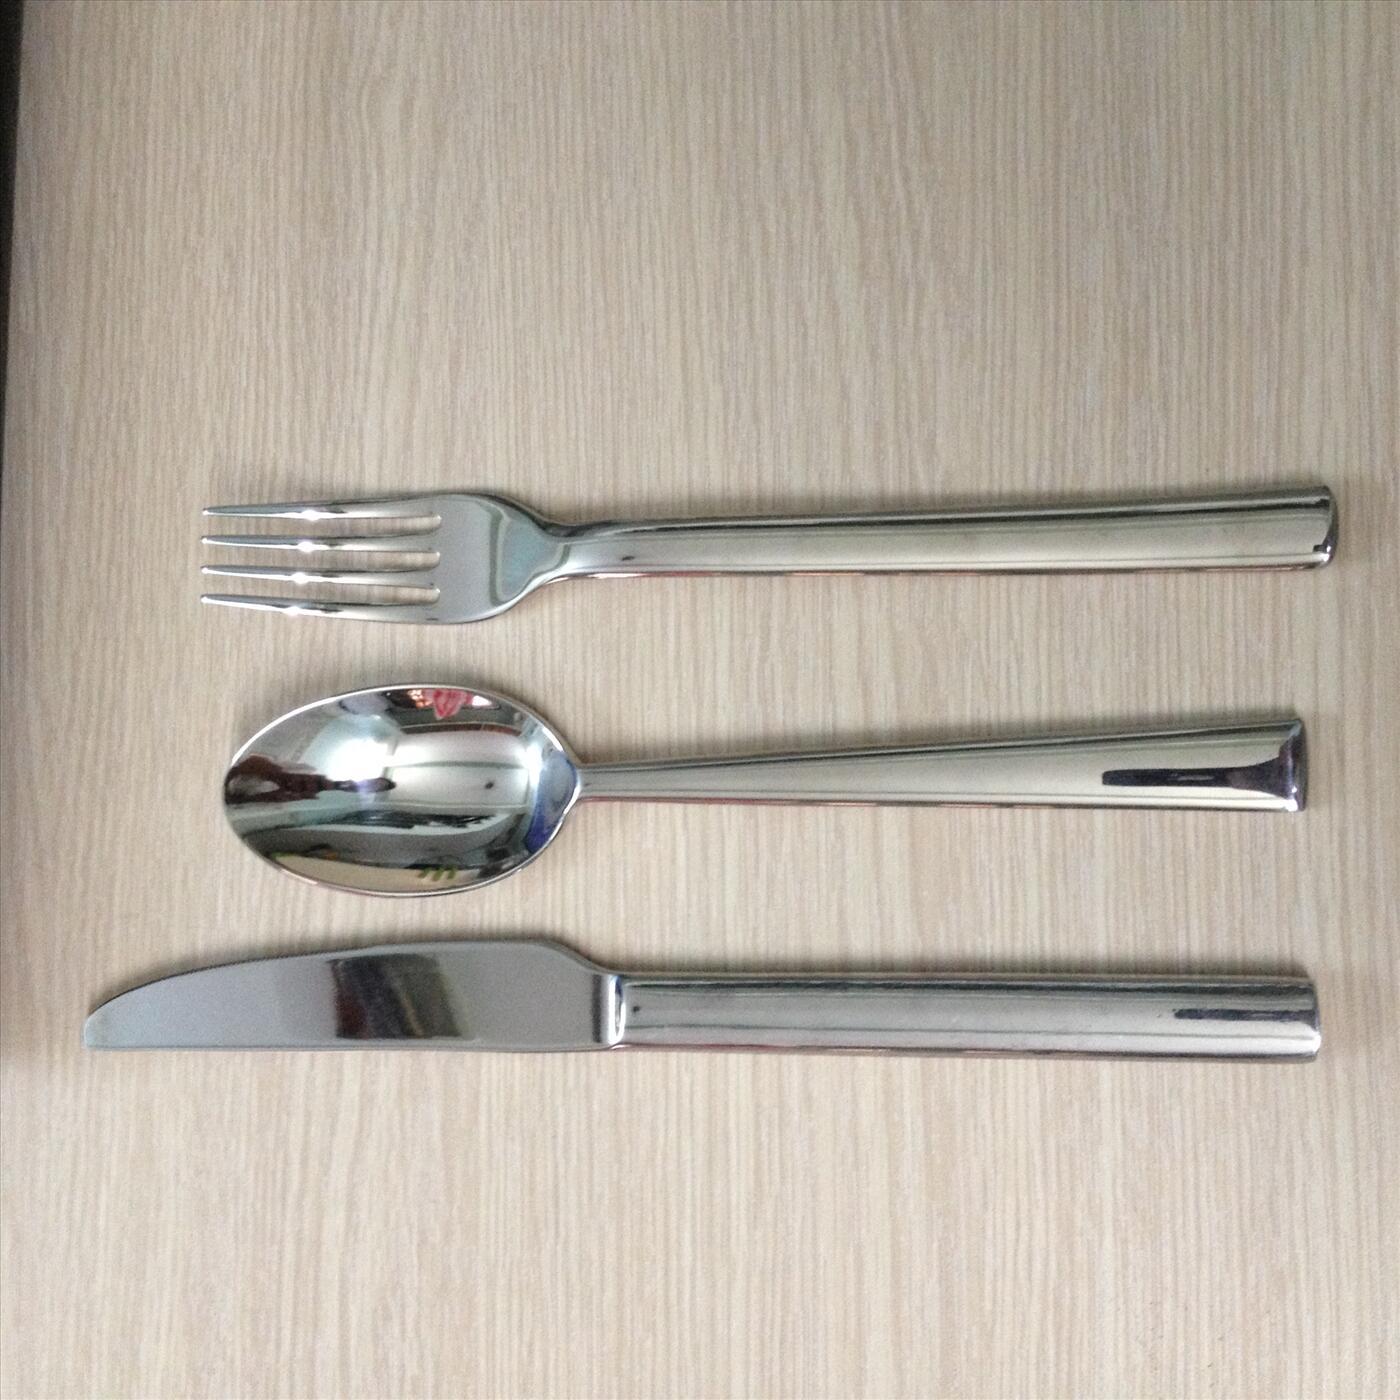 Bộ dao muỗng nĩa đuôi vuông 3 món